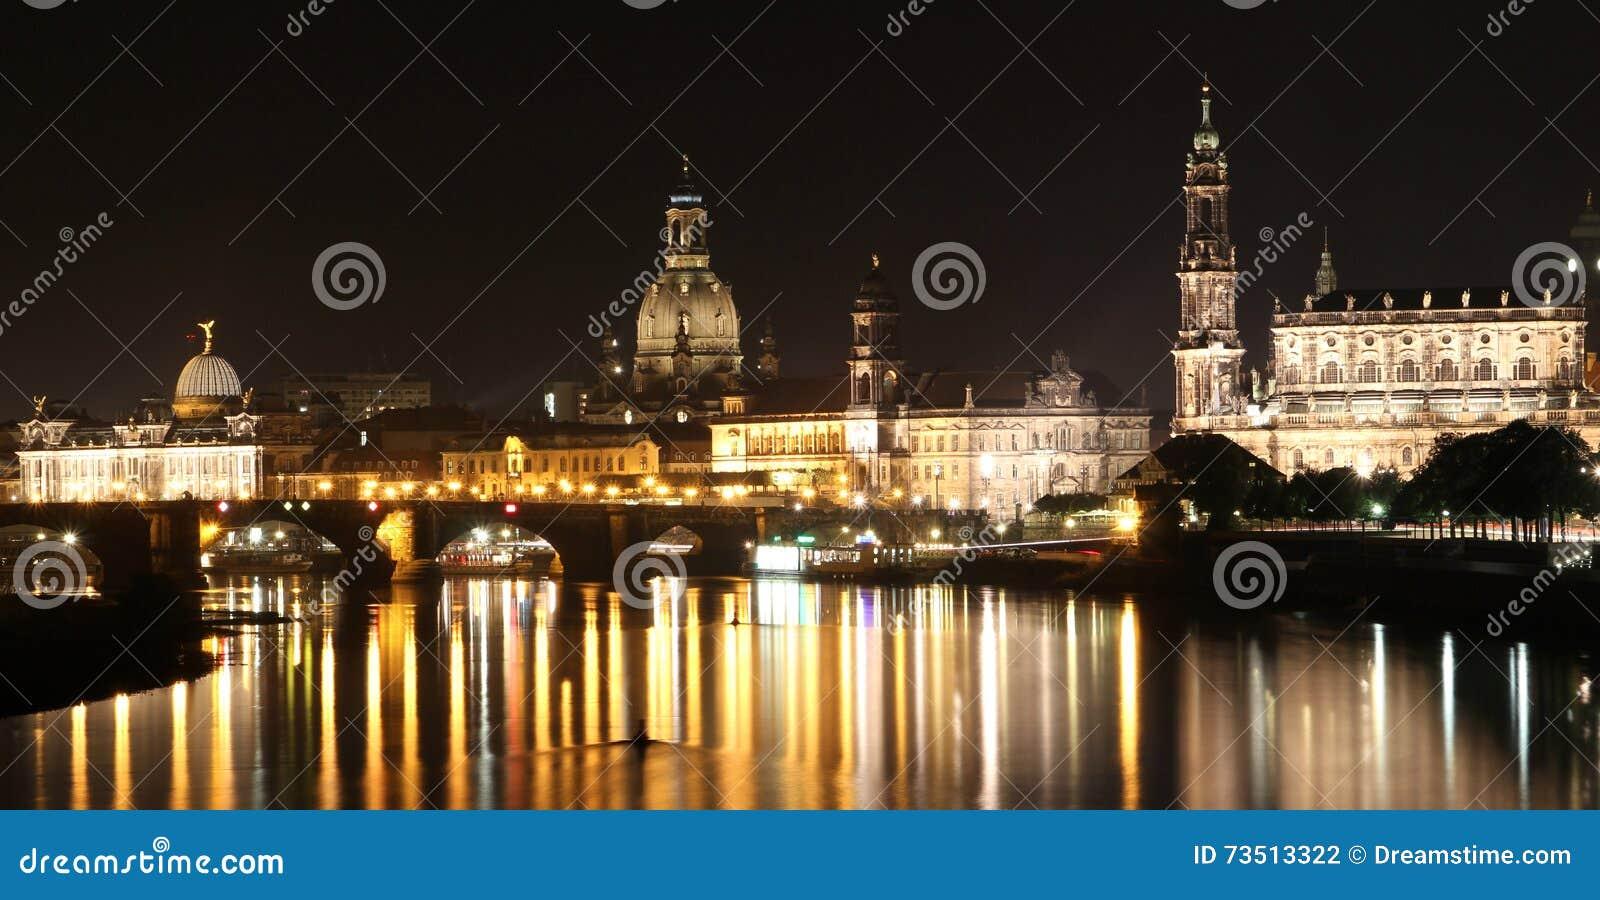 Verführerisch Skyline Dresden Galerie Von Pattern View On The Baroque Of The